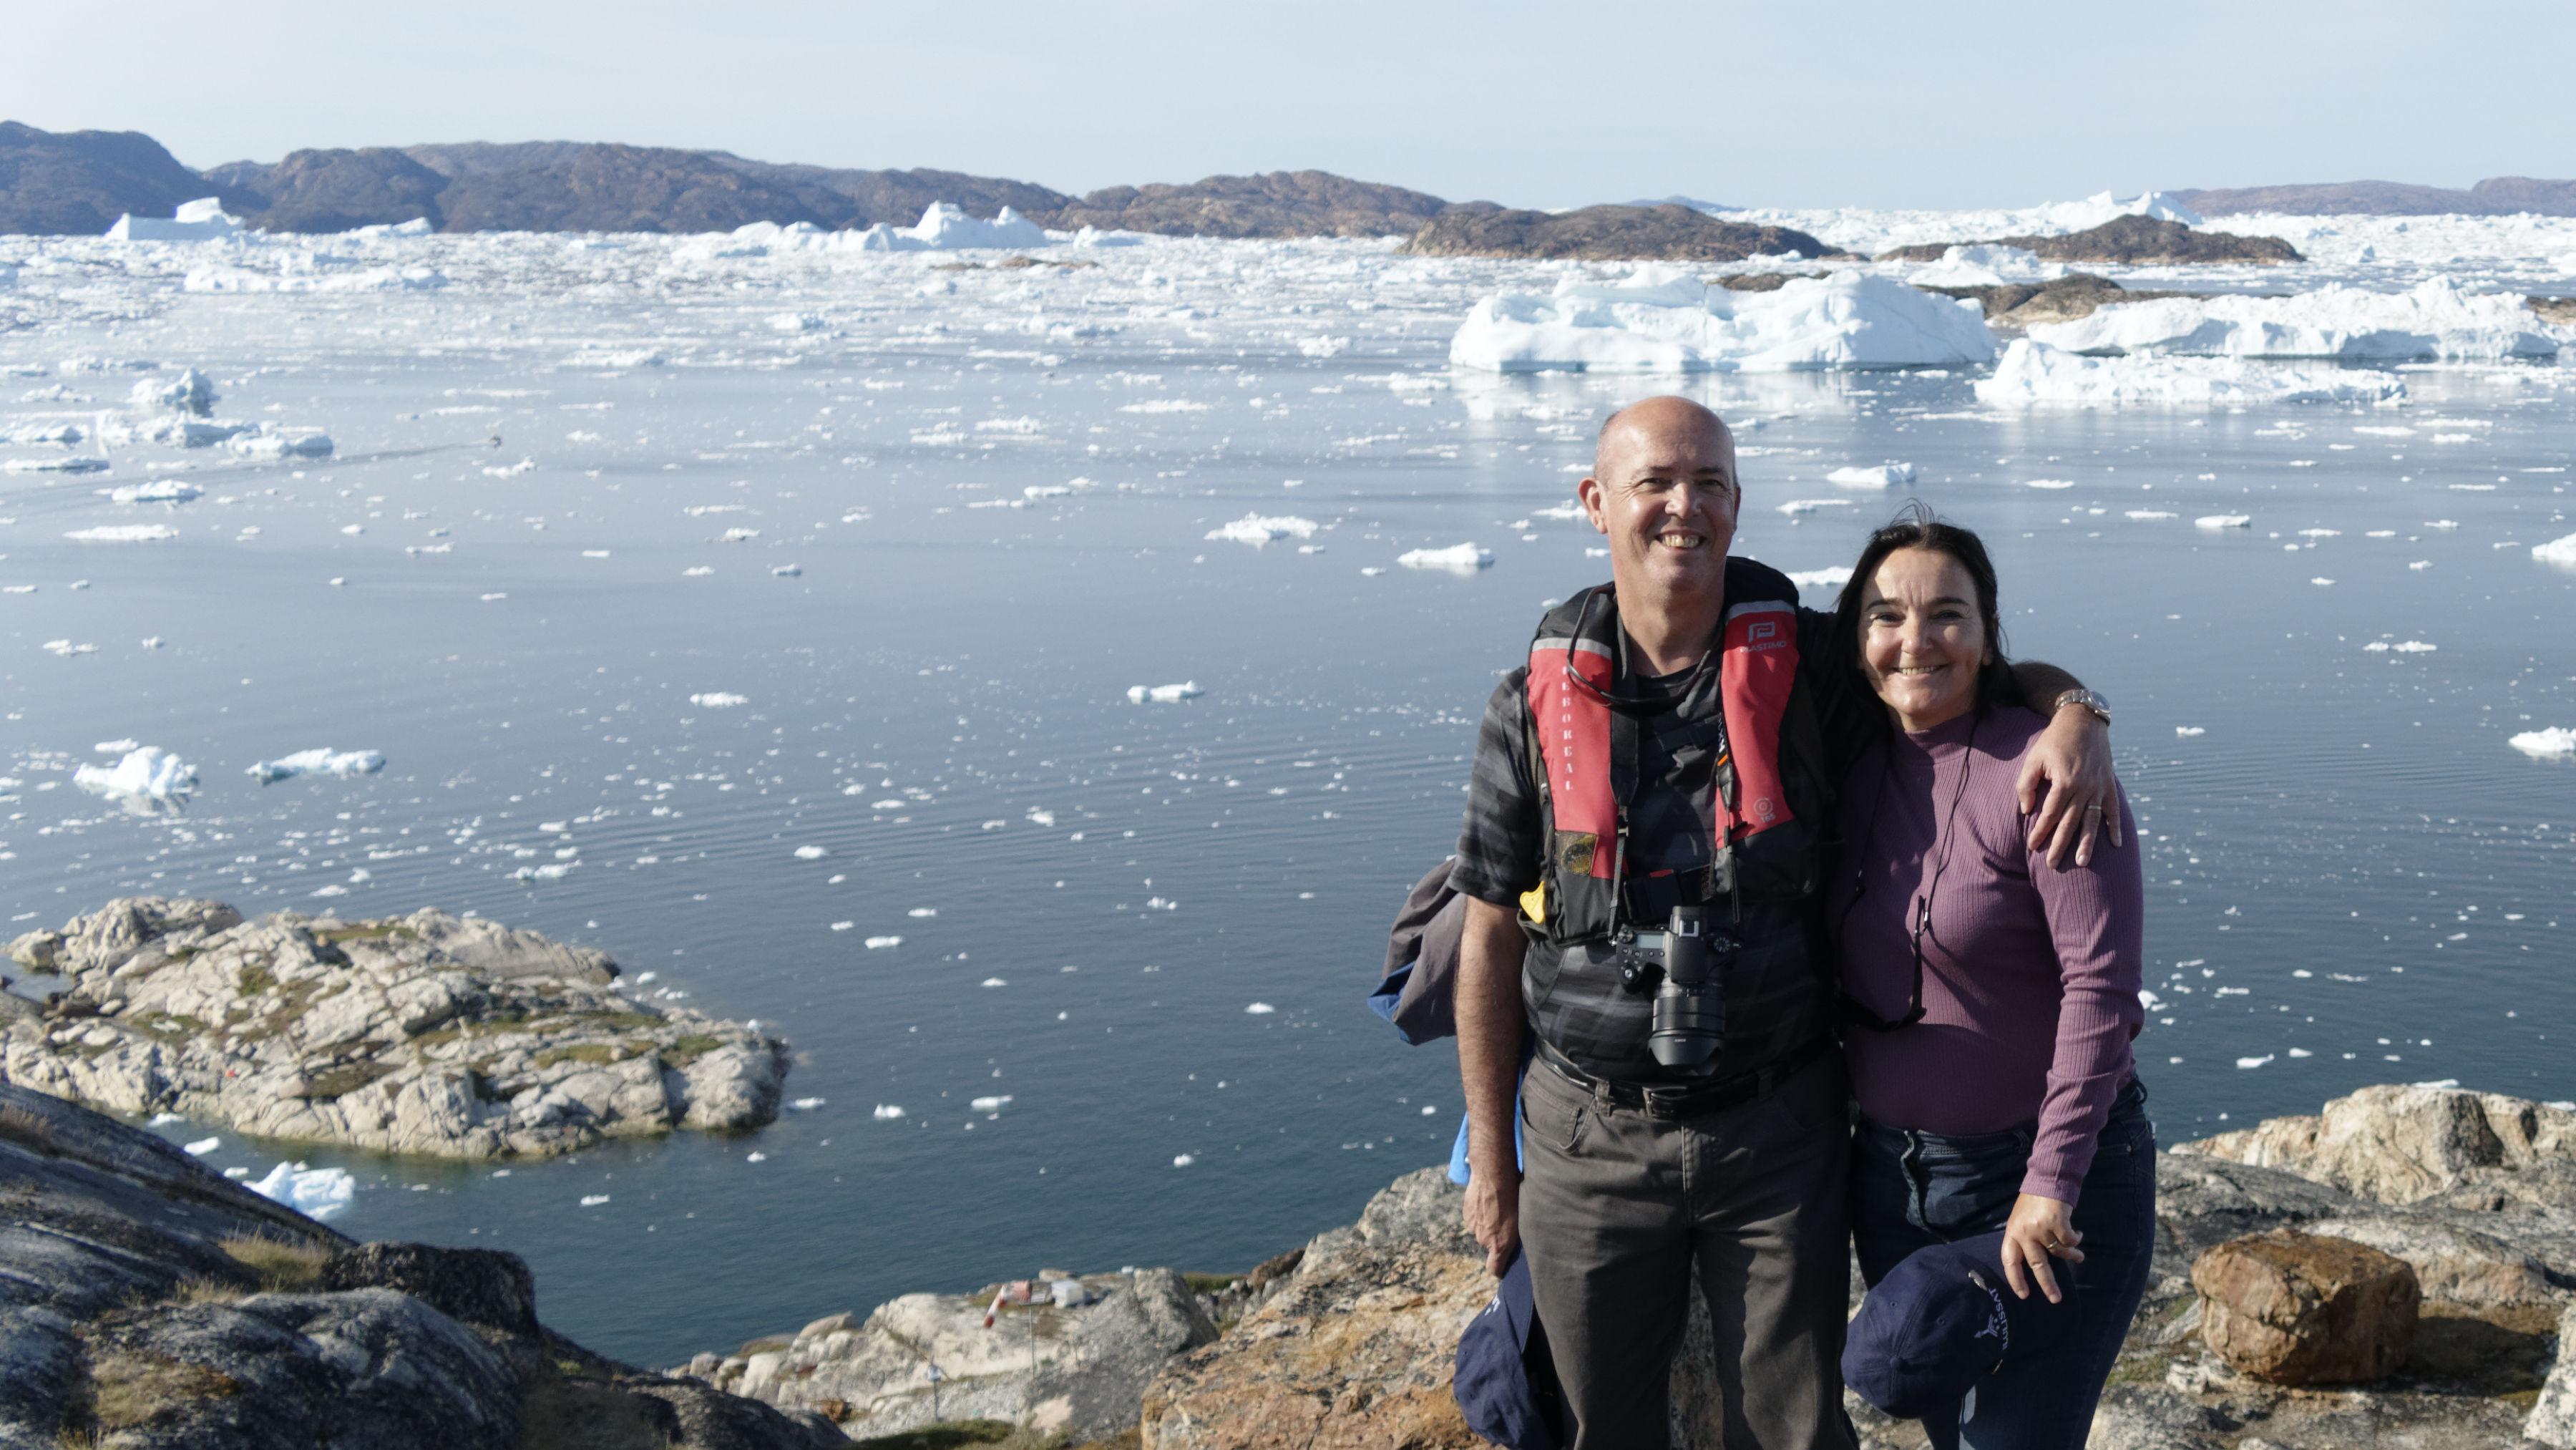 Béa et moi devant la baie d'Aapilattoq